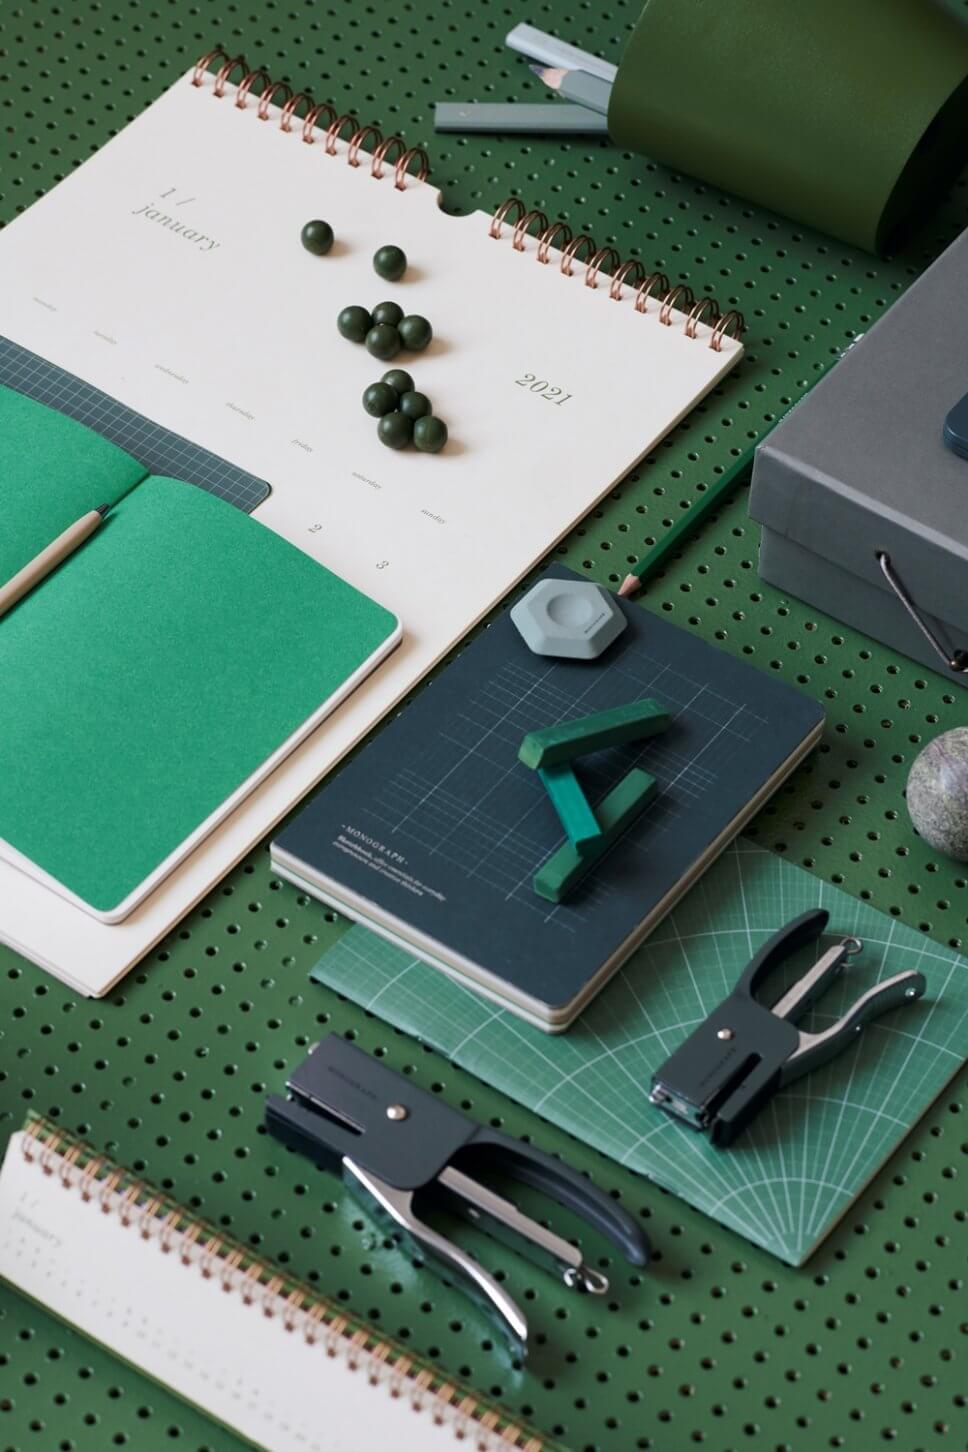 Schreibtisch mit bunten Heften, Stiften und Tacker